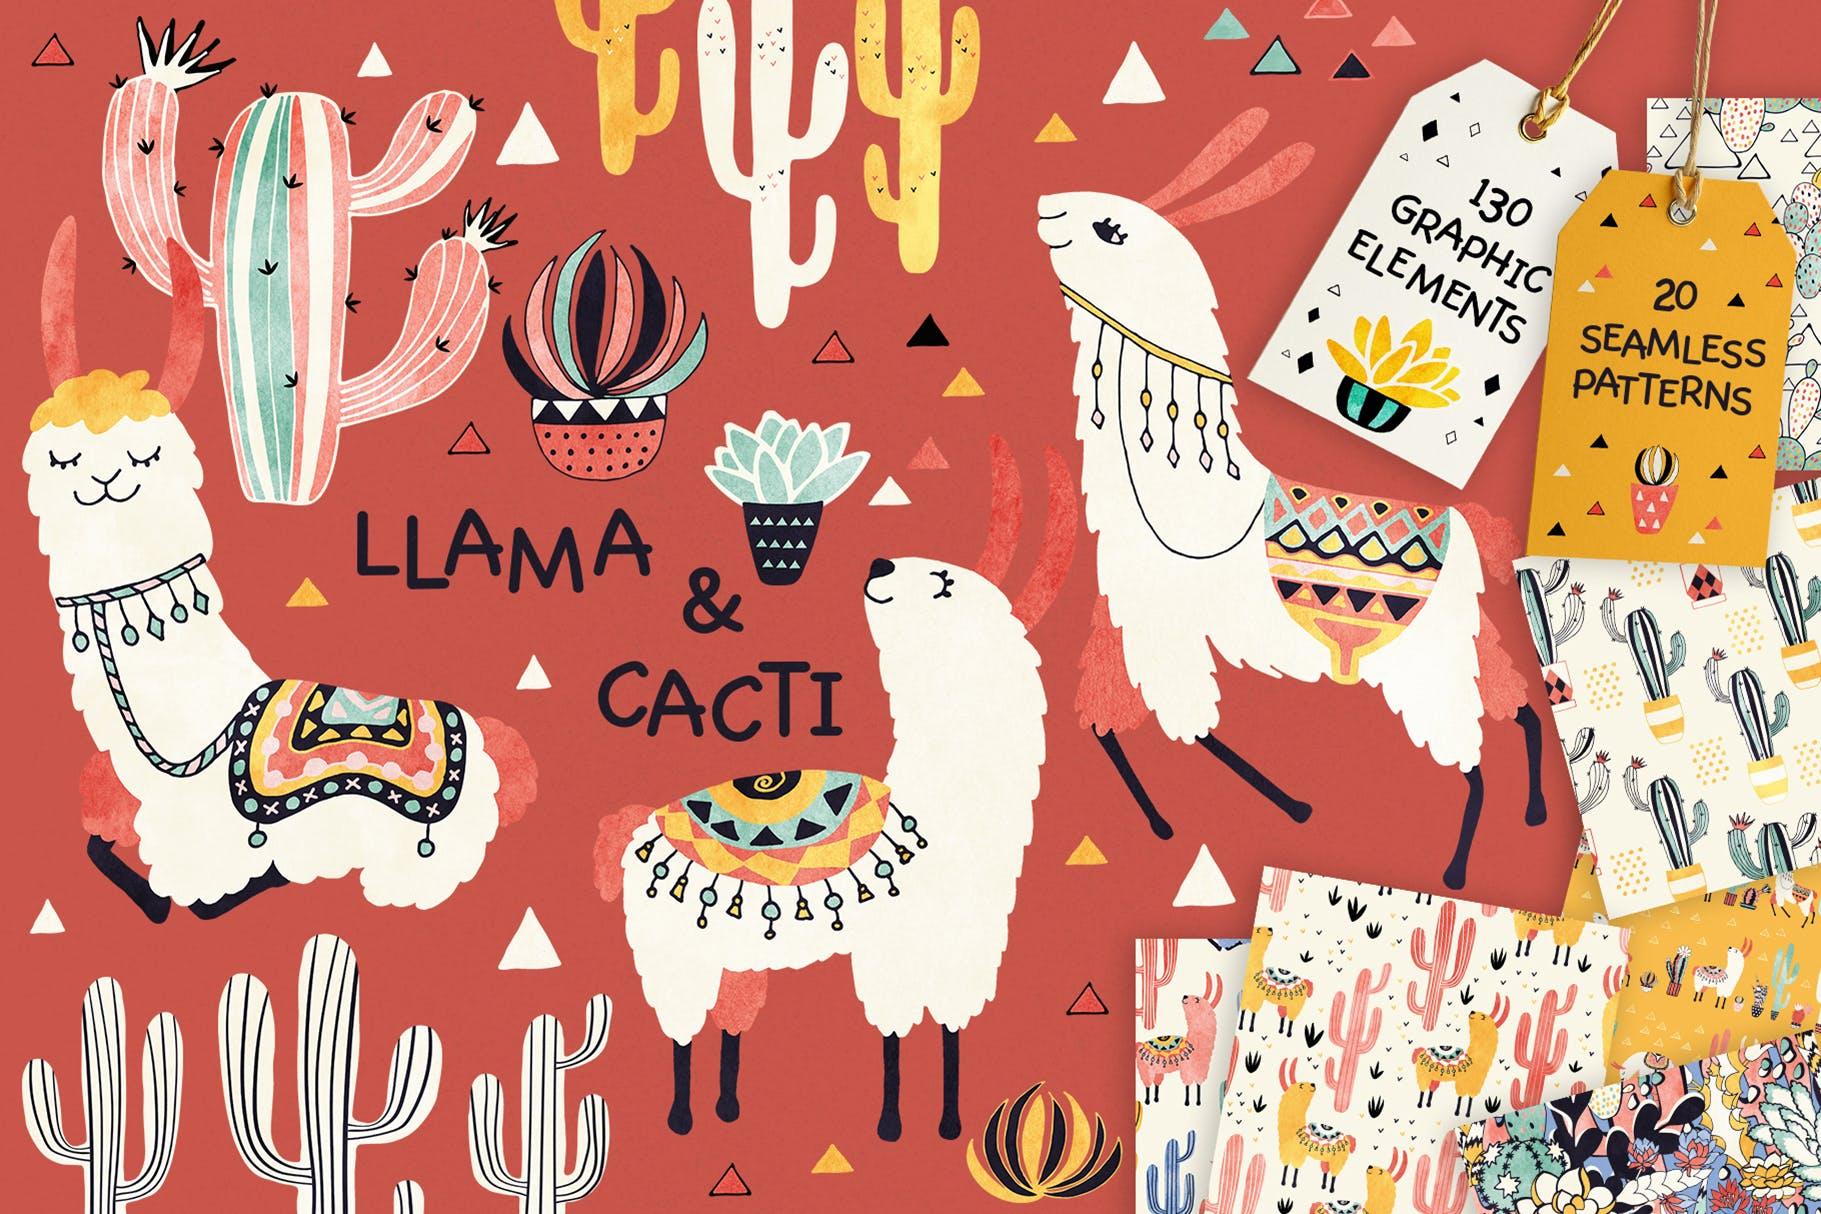 骆驼和仙人掌轮廓素材图案纹理Llamas and Cacti插图